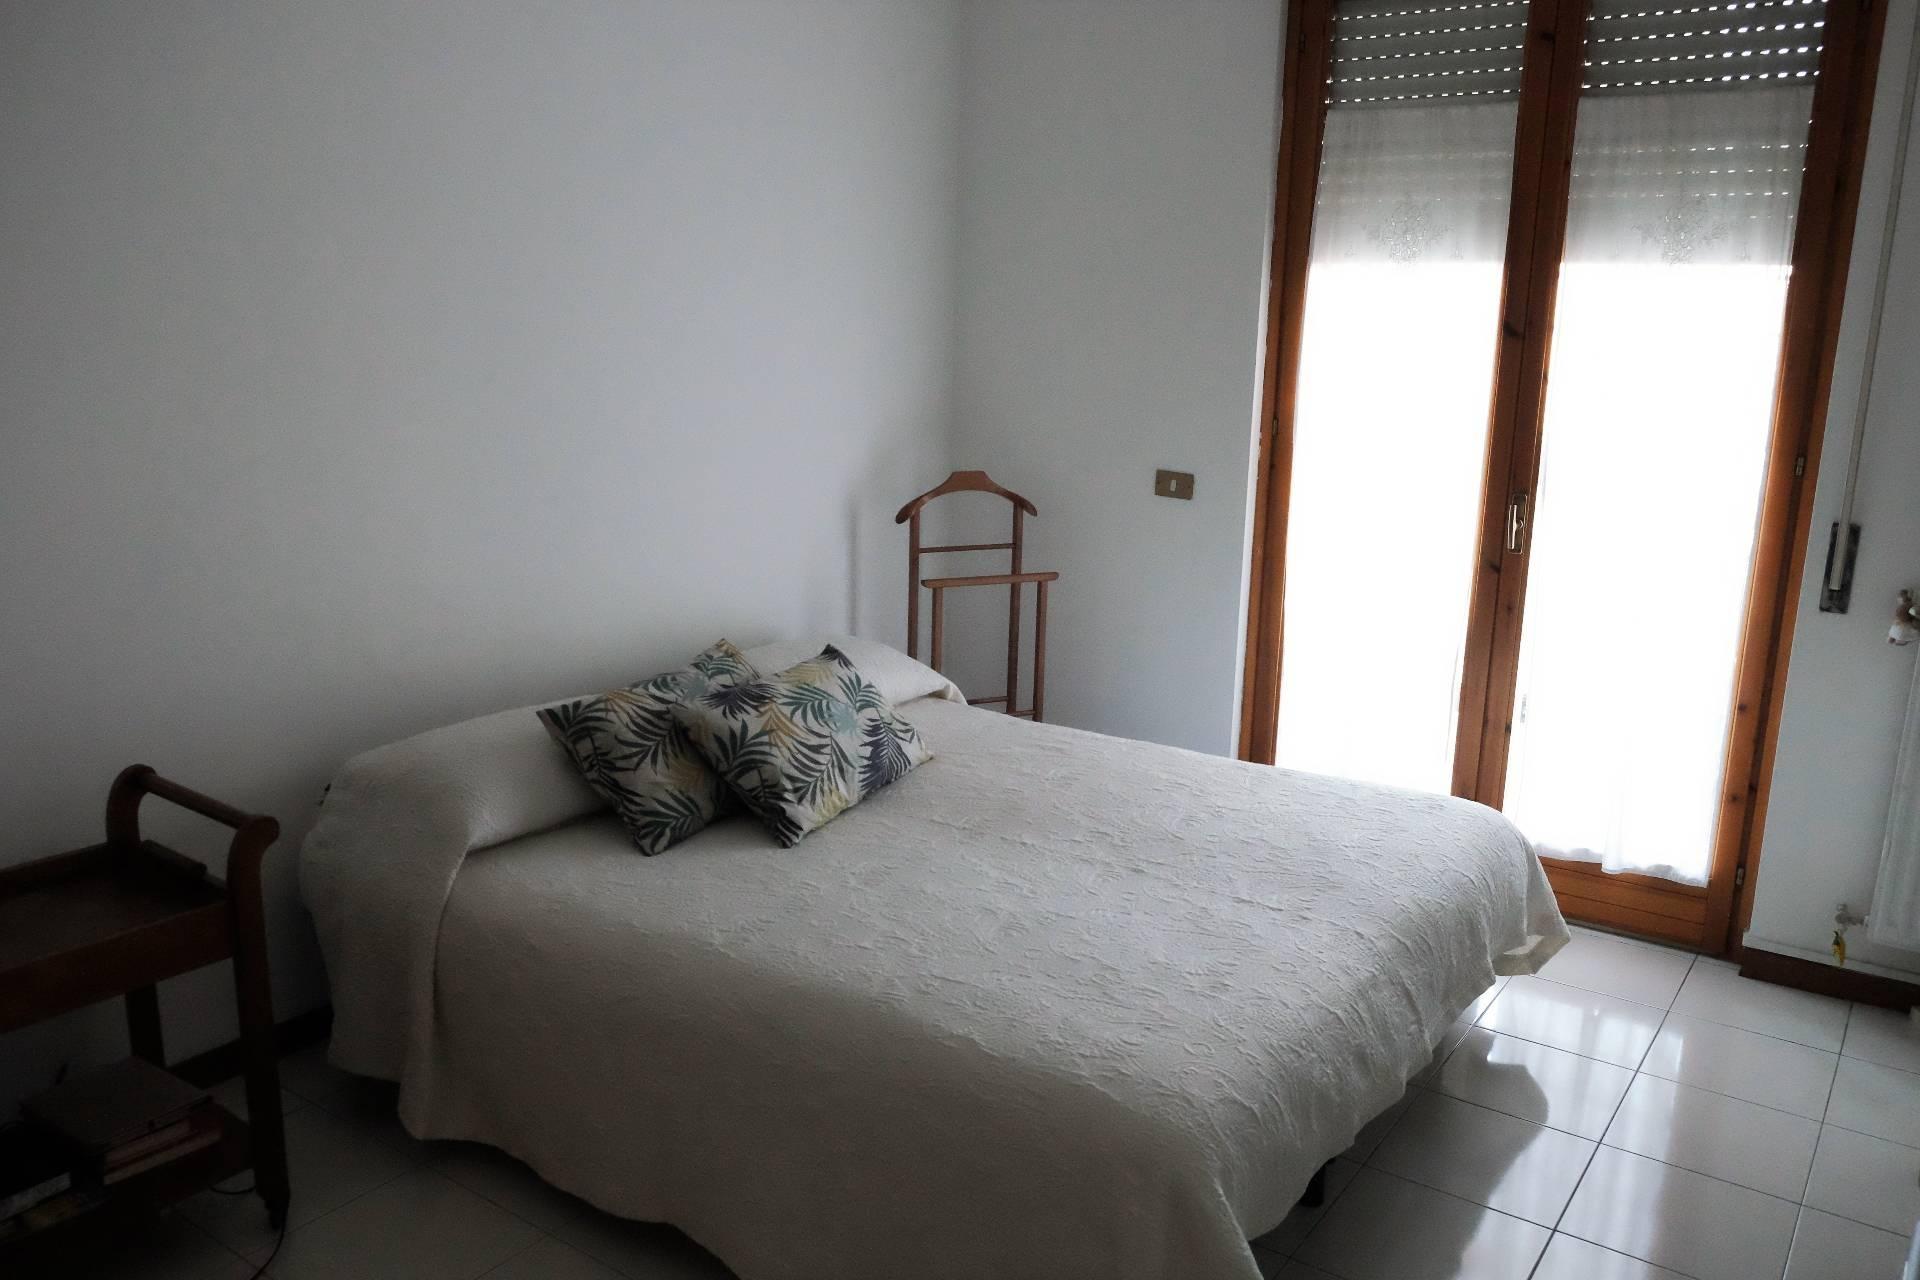 Appartamento in Affitto a Roma 23 Eur / Torrino: 2 locali, 70 mq